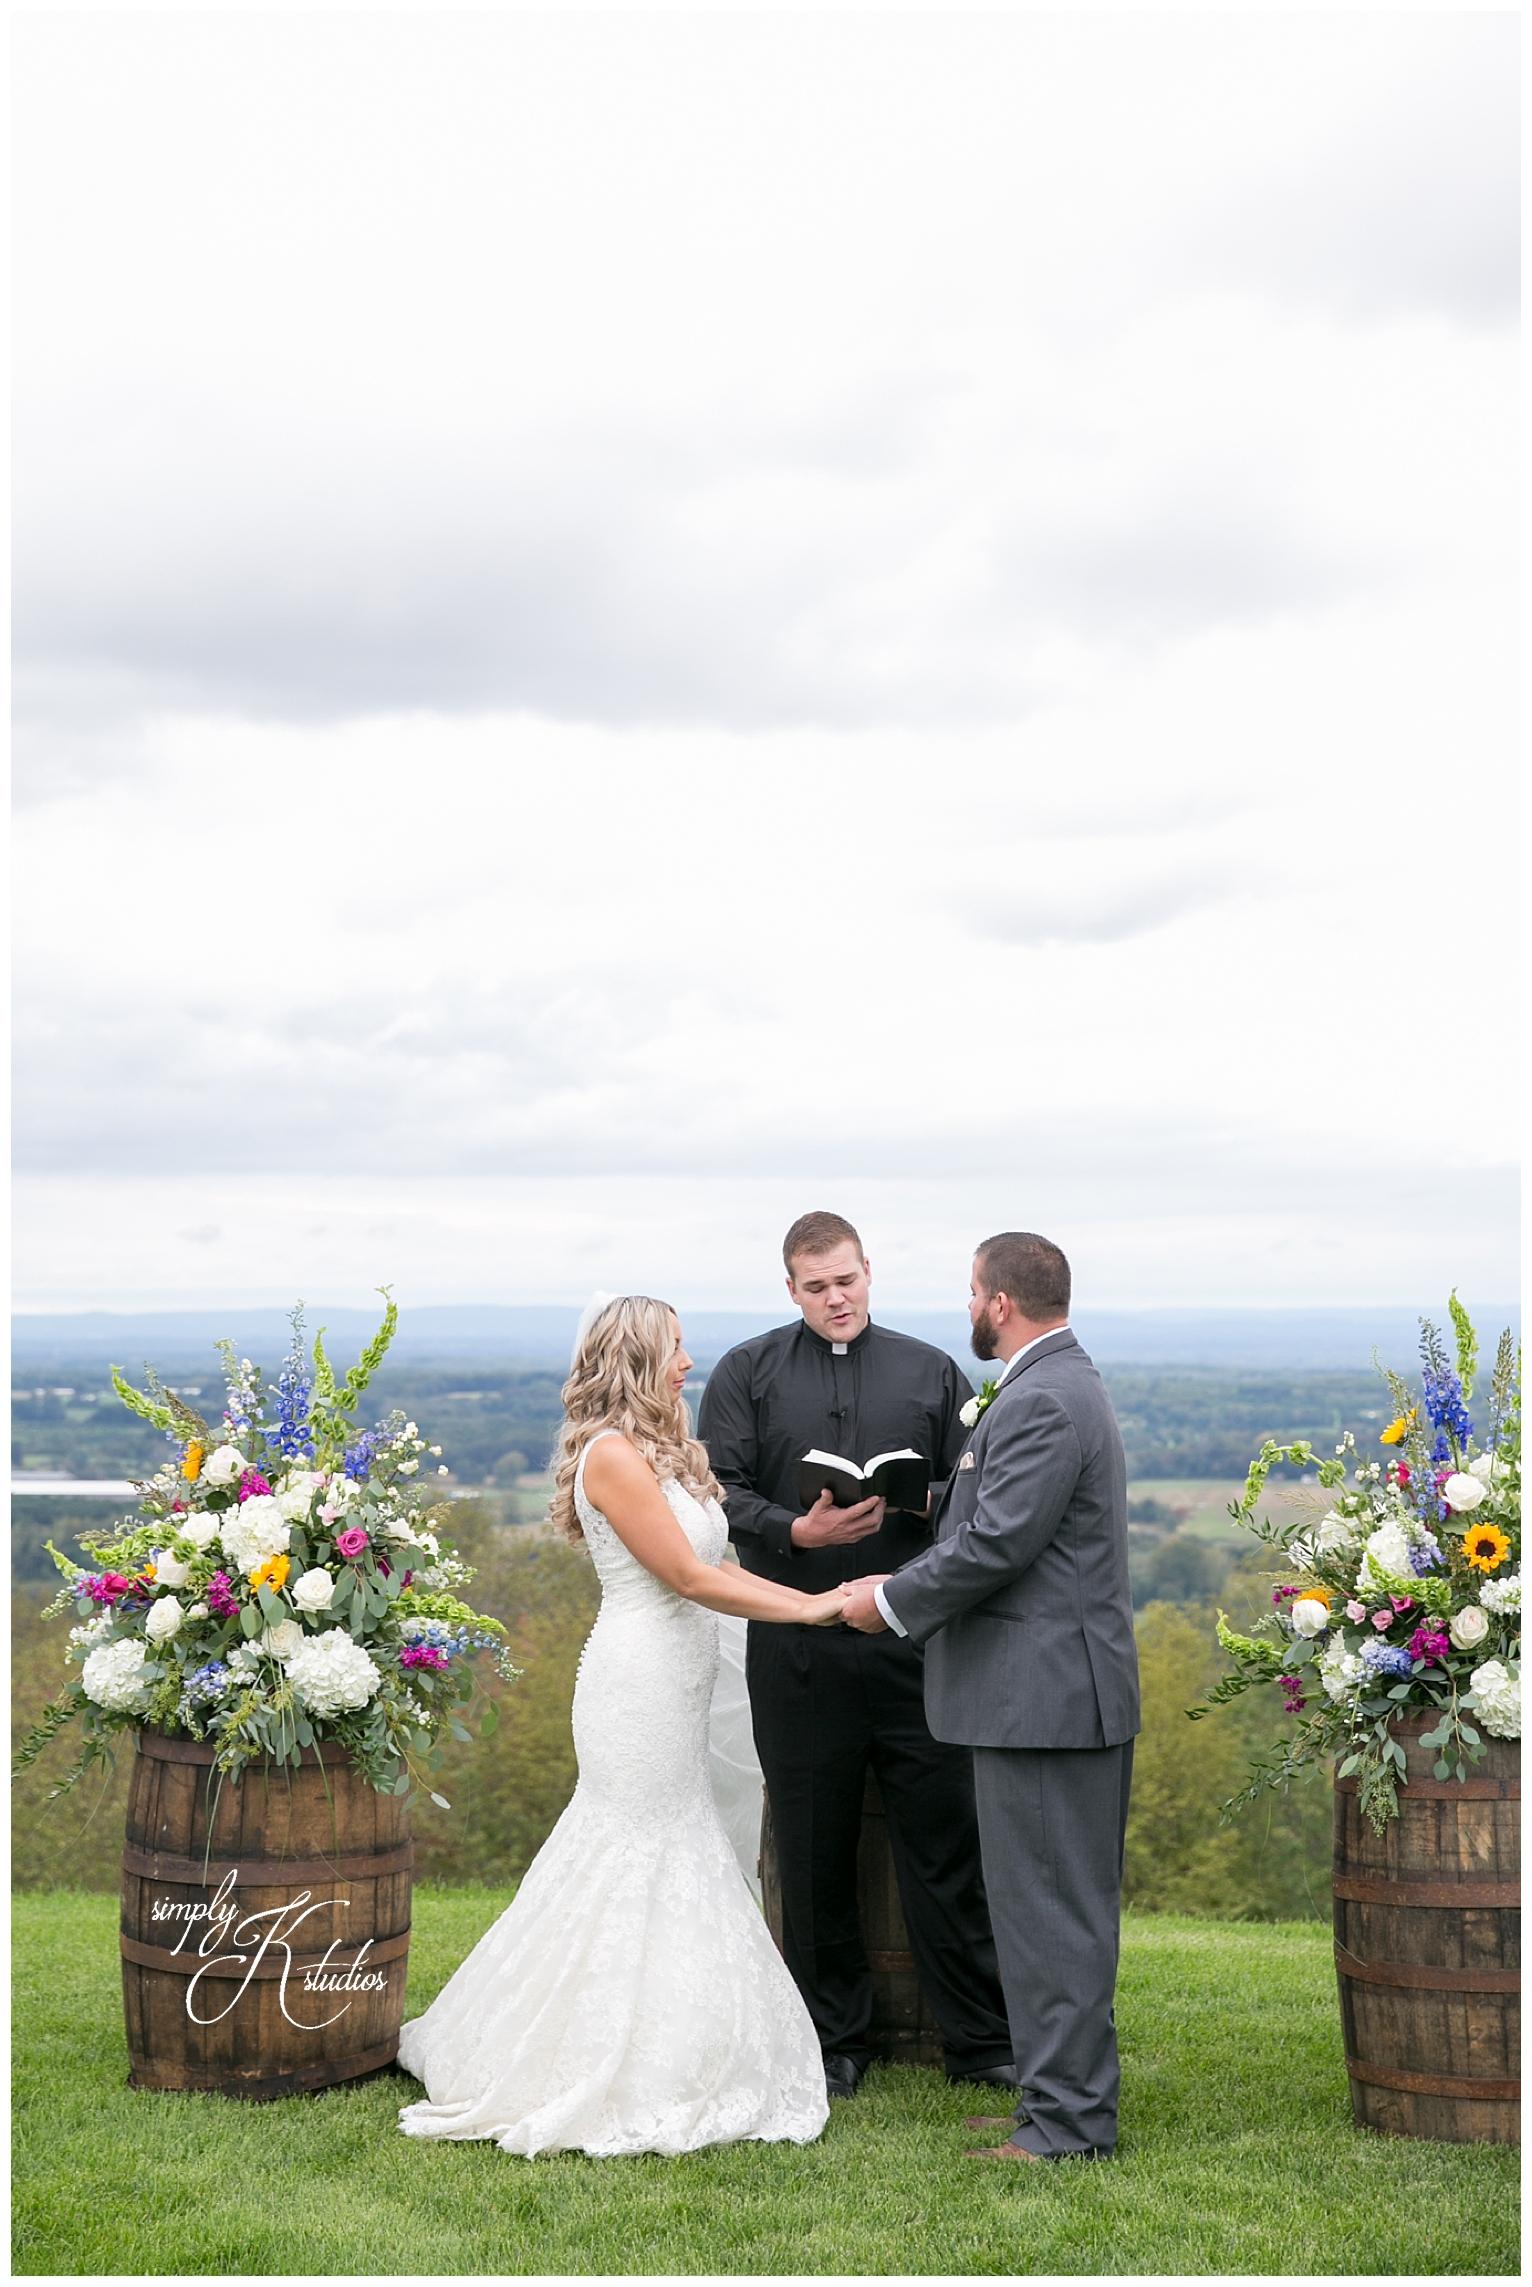 Wedding Ceremony Photographer in CT.jpg